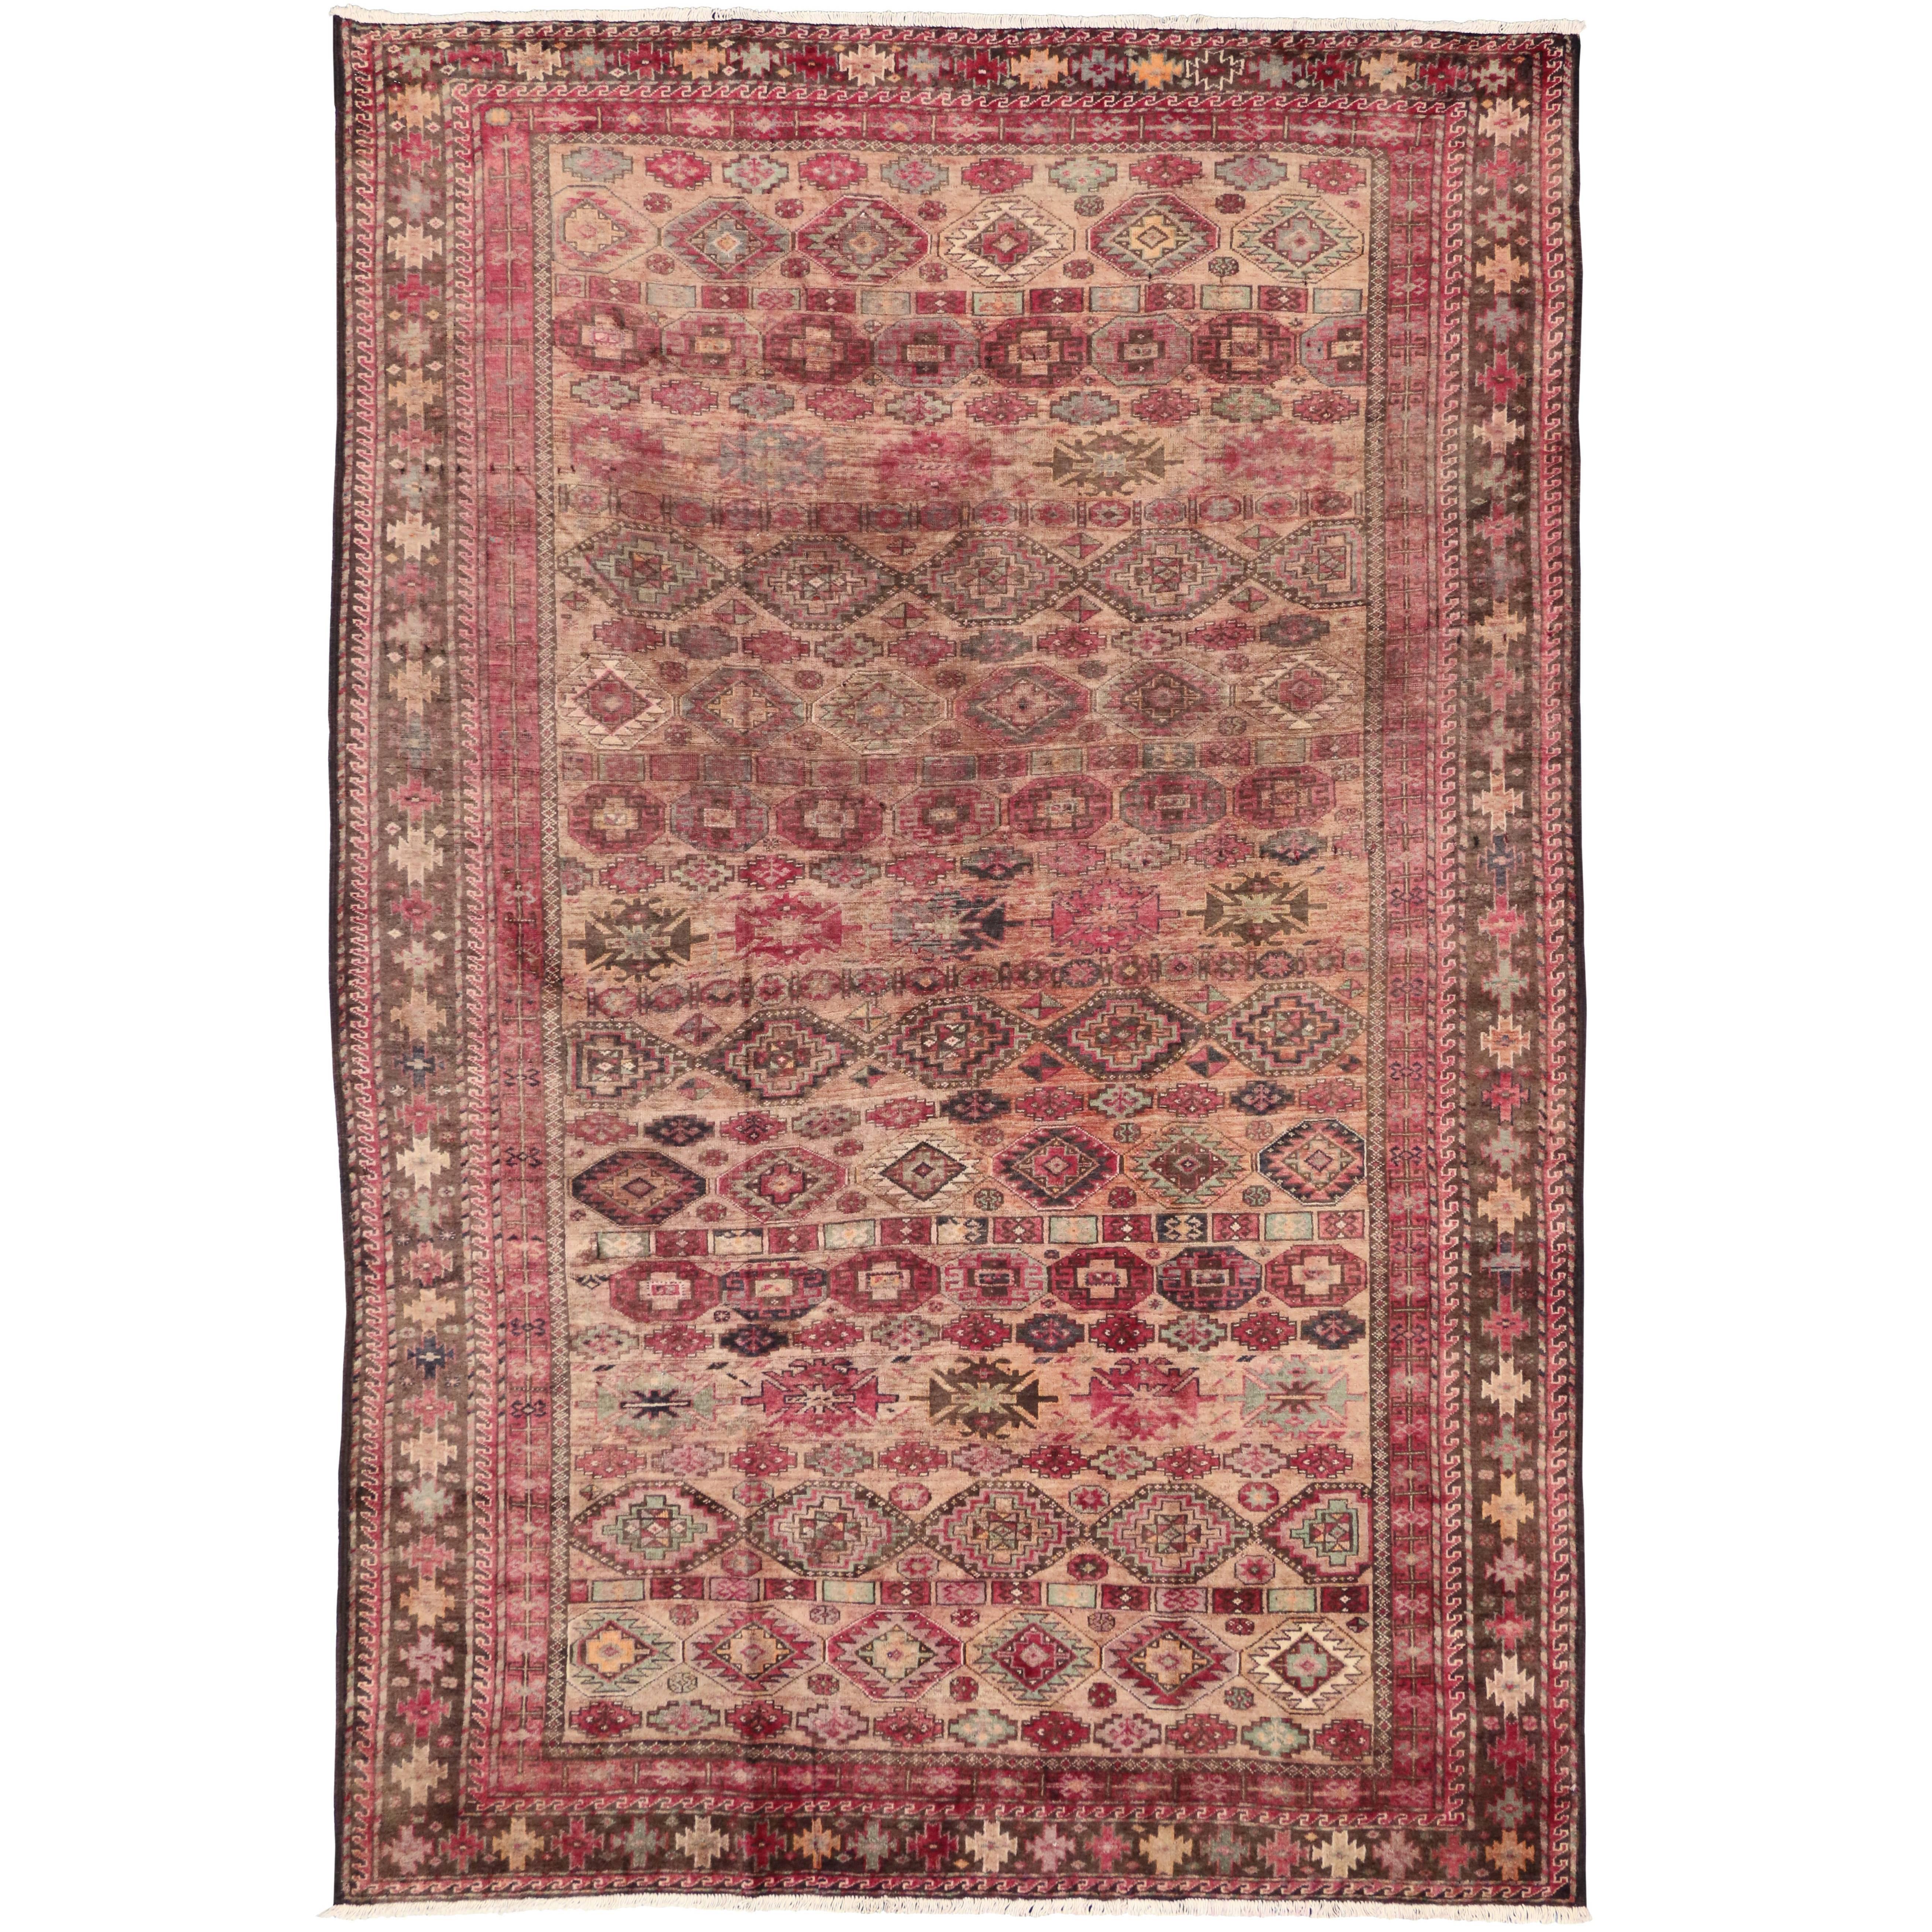 Where Does The Ardabil Carpet E From Carpet Vidalondon